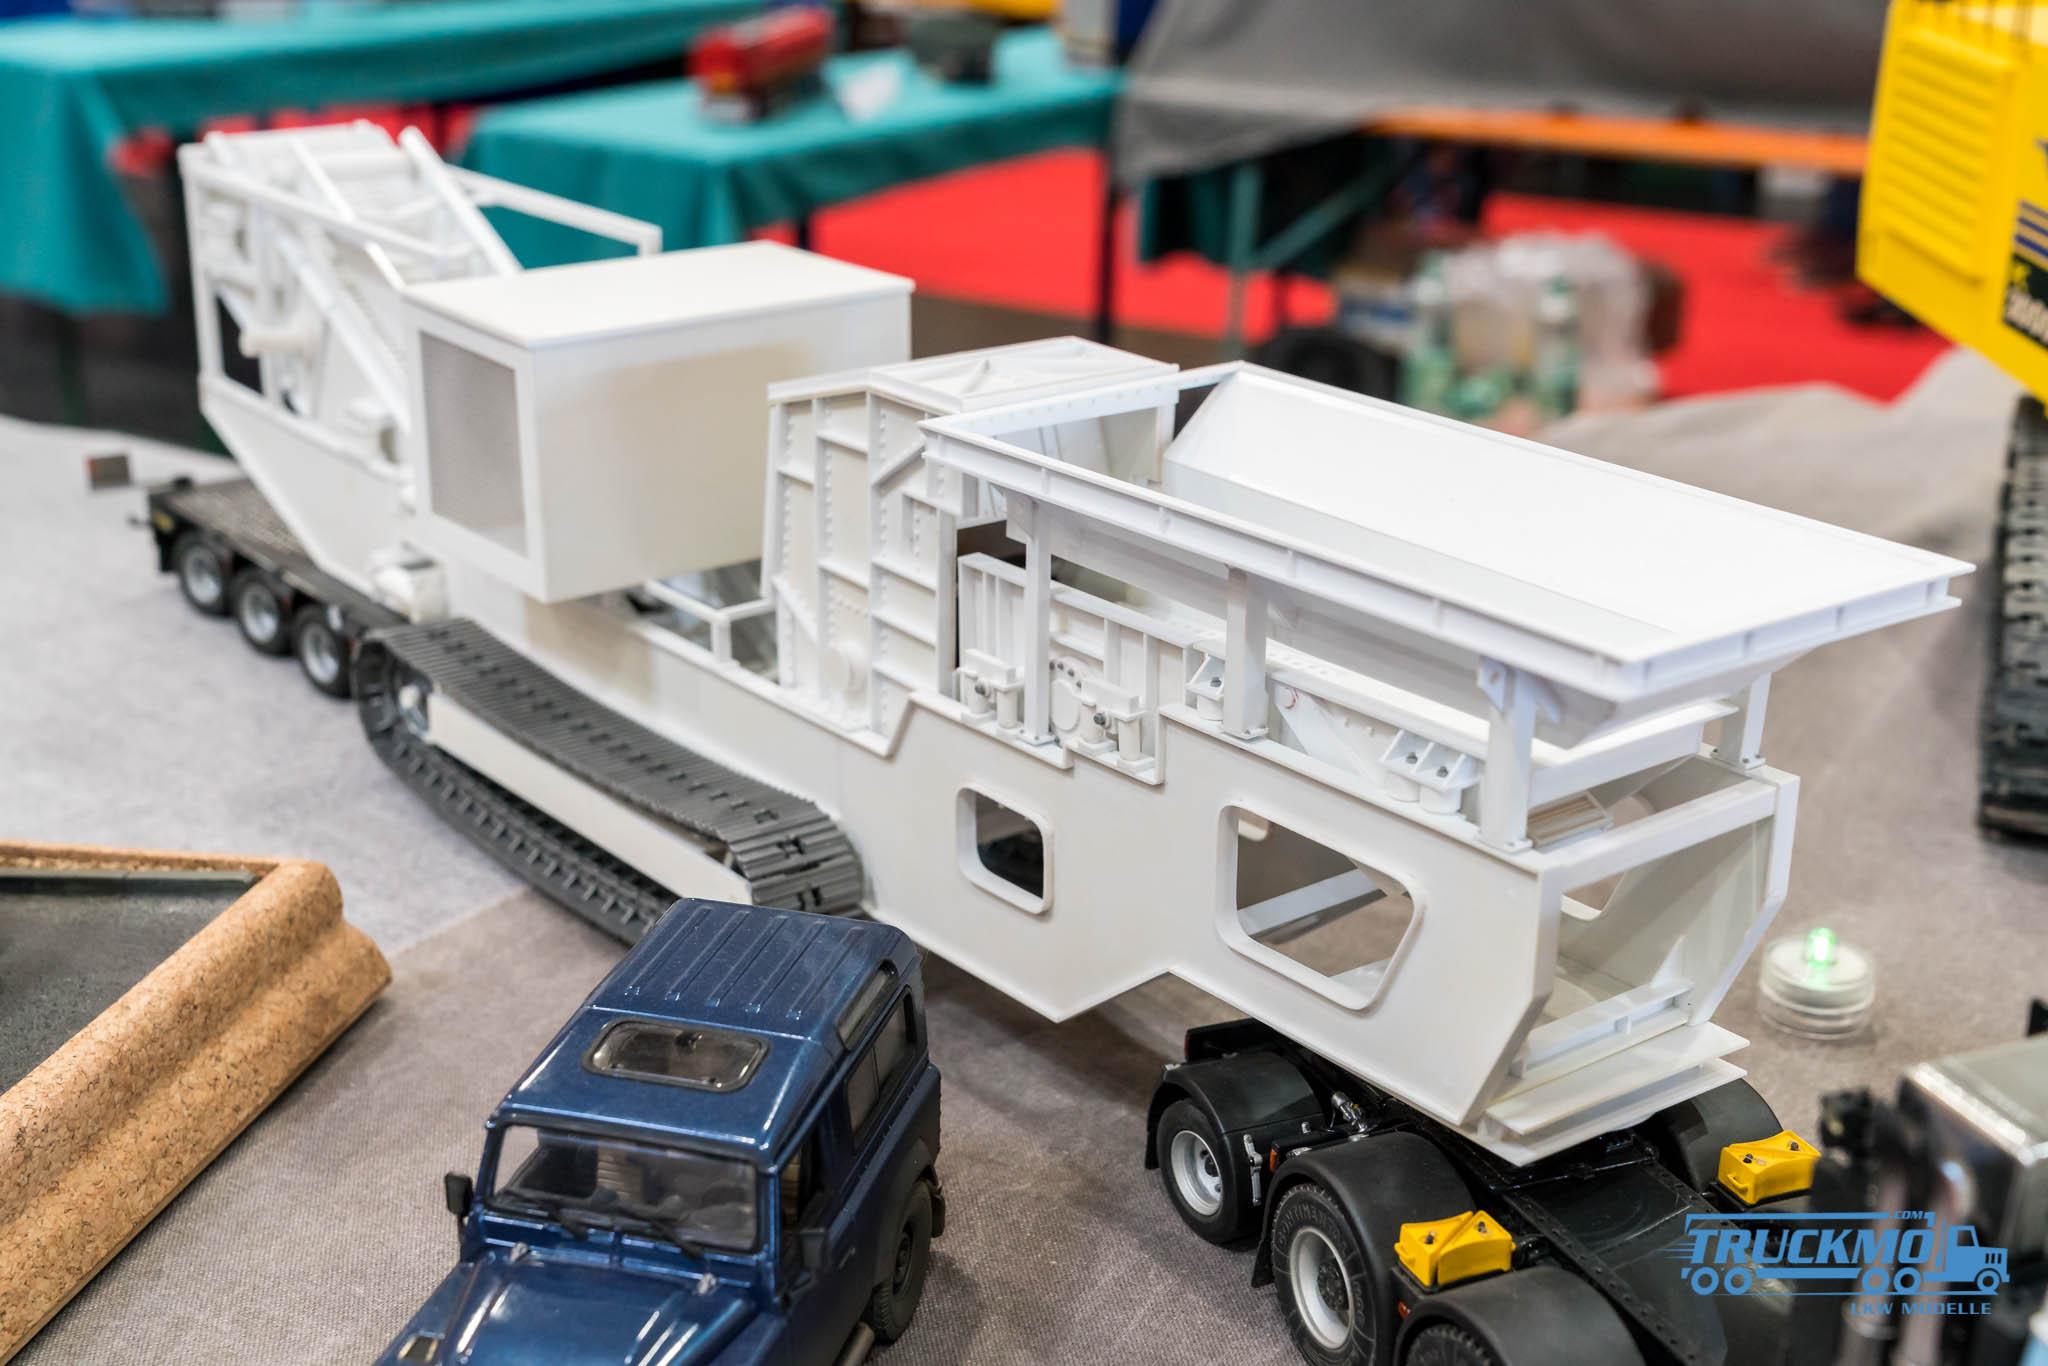 Truckmo_Modellbau_Ried_2017_Herpa_Messe_Modellbauausstellung (413 von 1177)